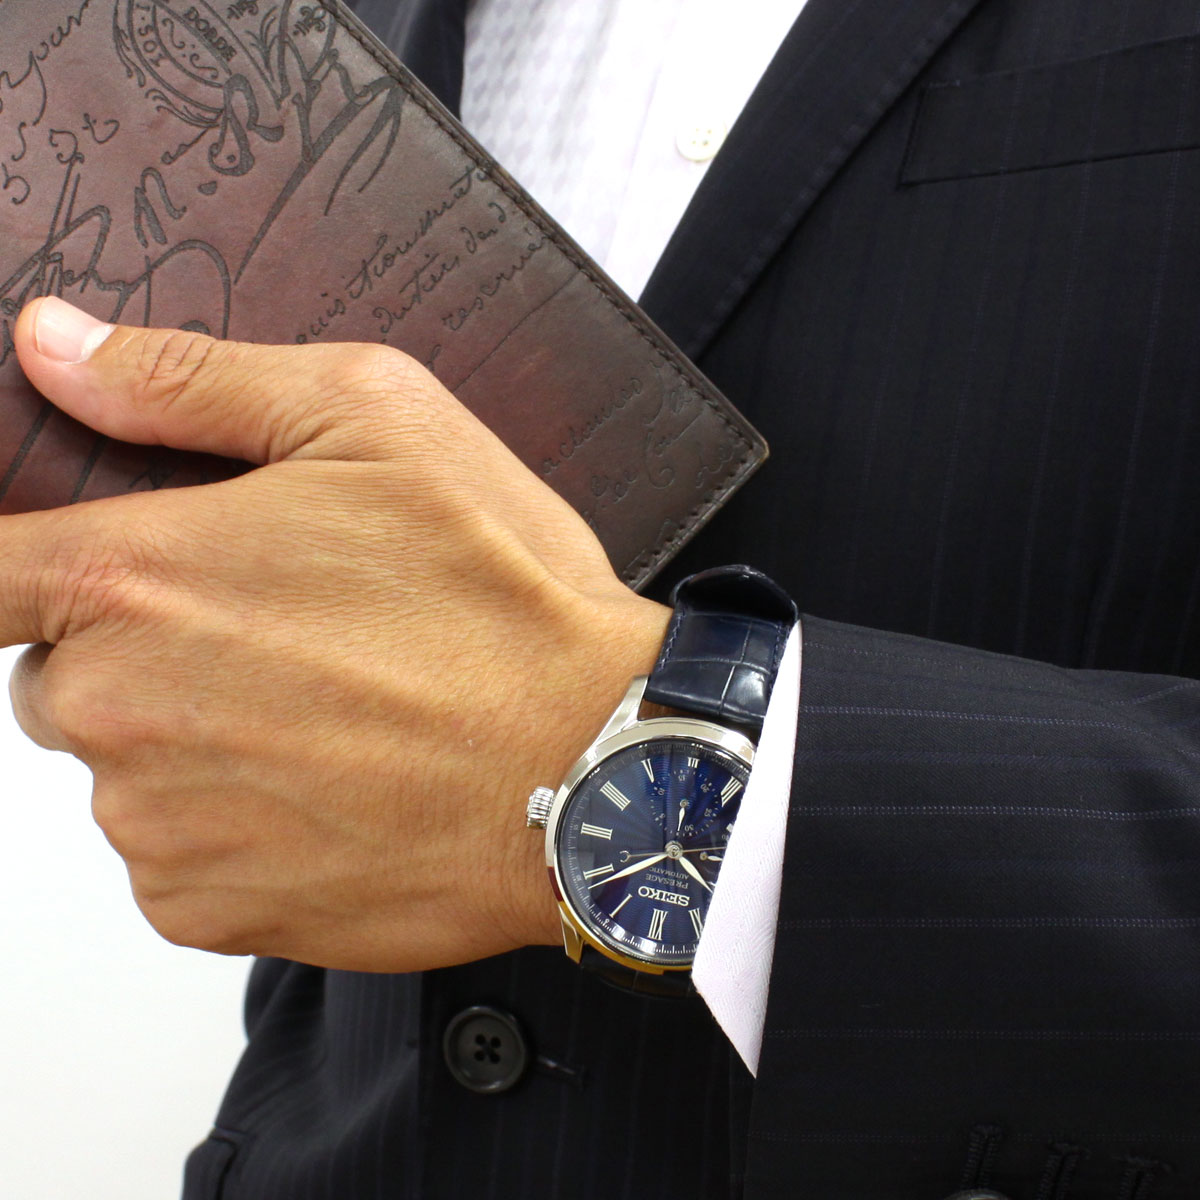 明日0時からはニールがお得♪ 最大2000円OFFクーポン付! 26日9時59分まで!【贈り物に喜ばれる桐箱プレゼント!】セイコー プレザージュ SEIKO PRESAGE 自動巻き メカニカル 七宝ダイヤル 流通限定 腕時計 プレステージライン SARW039